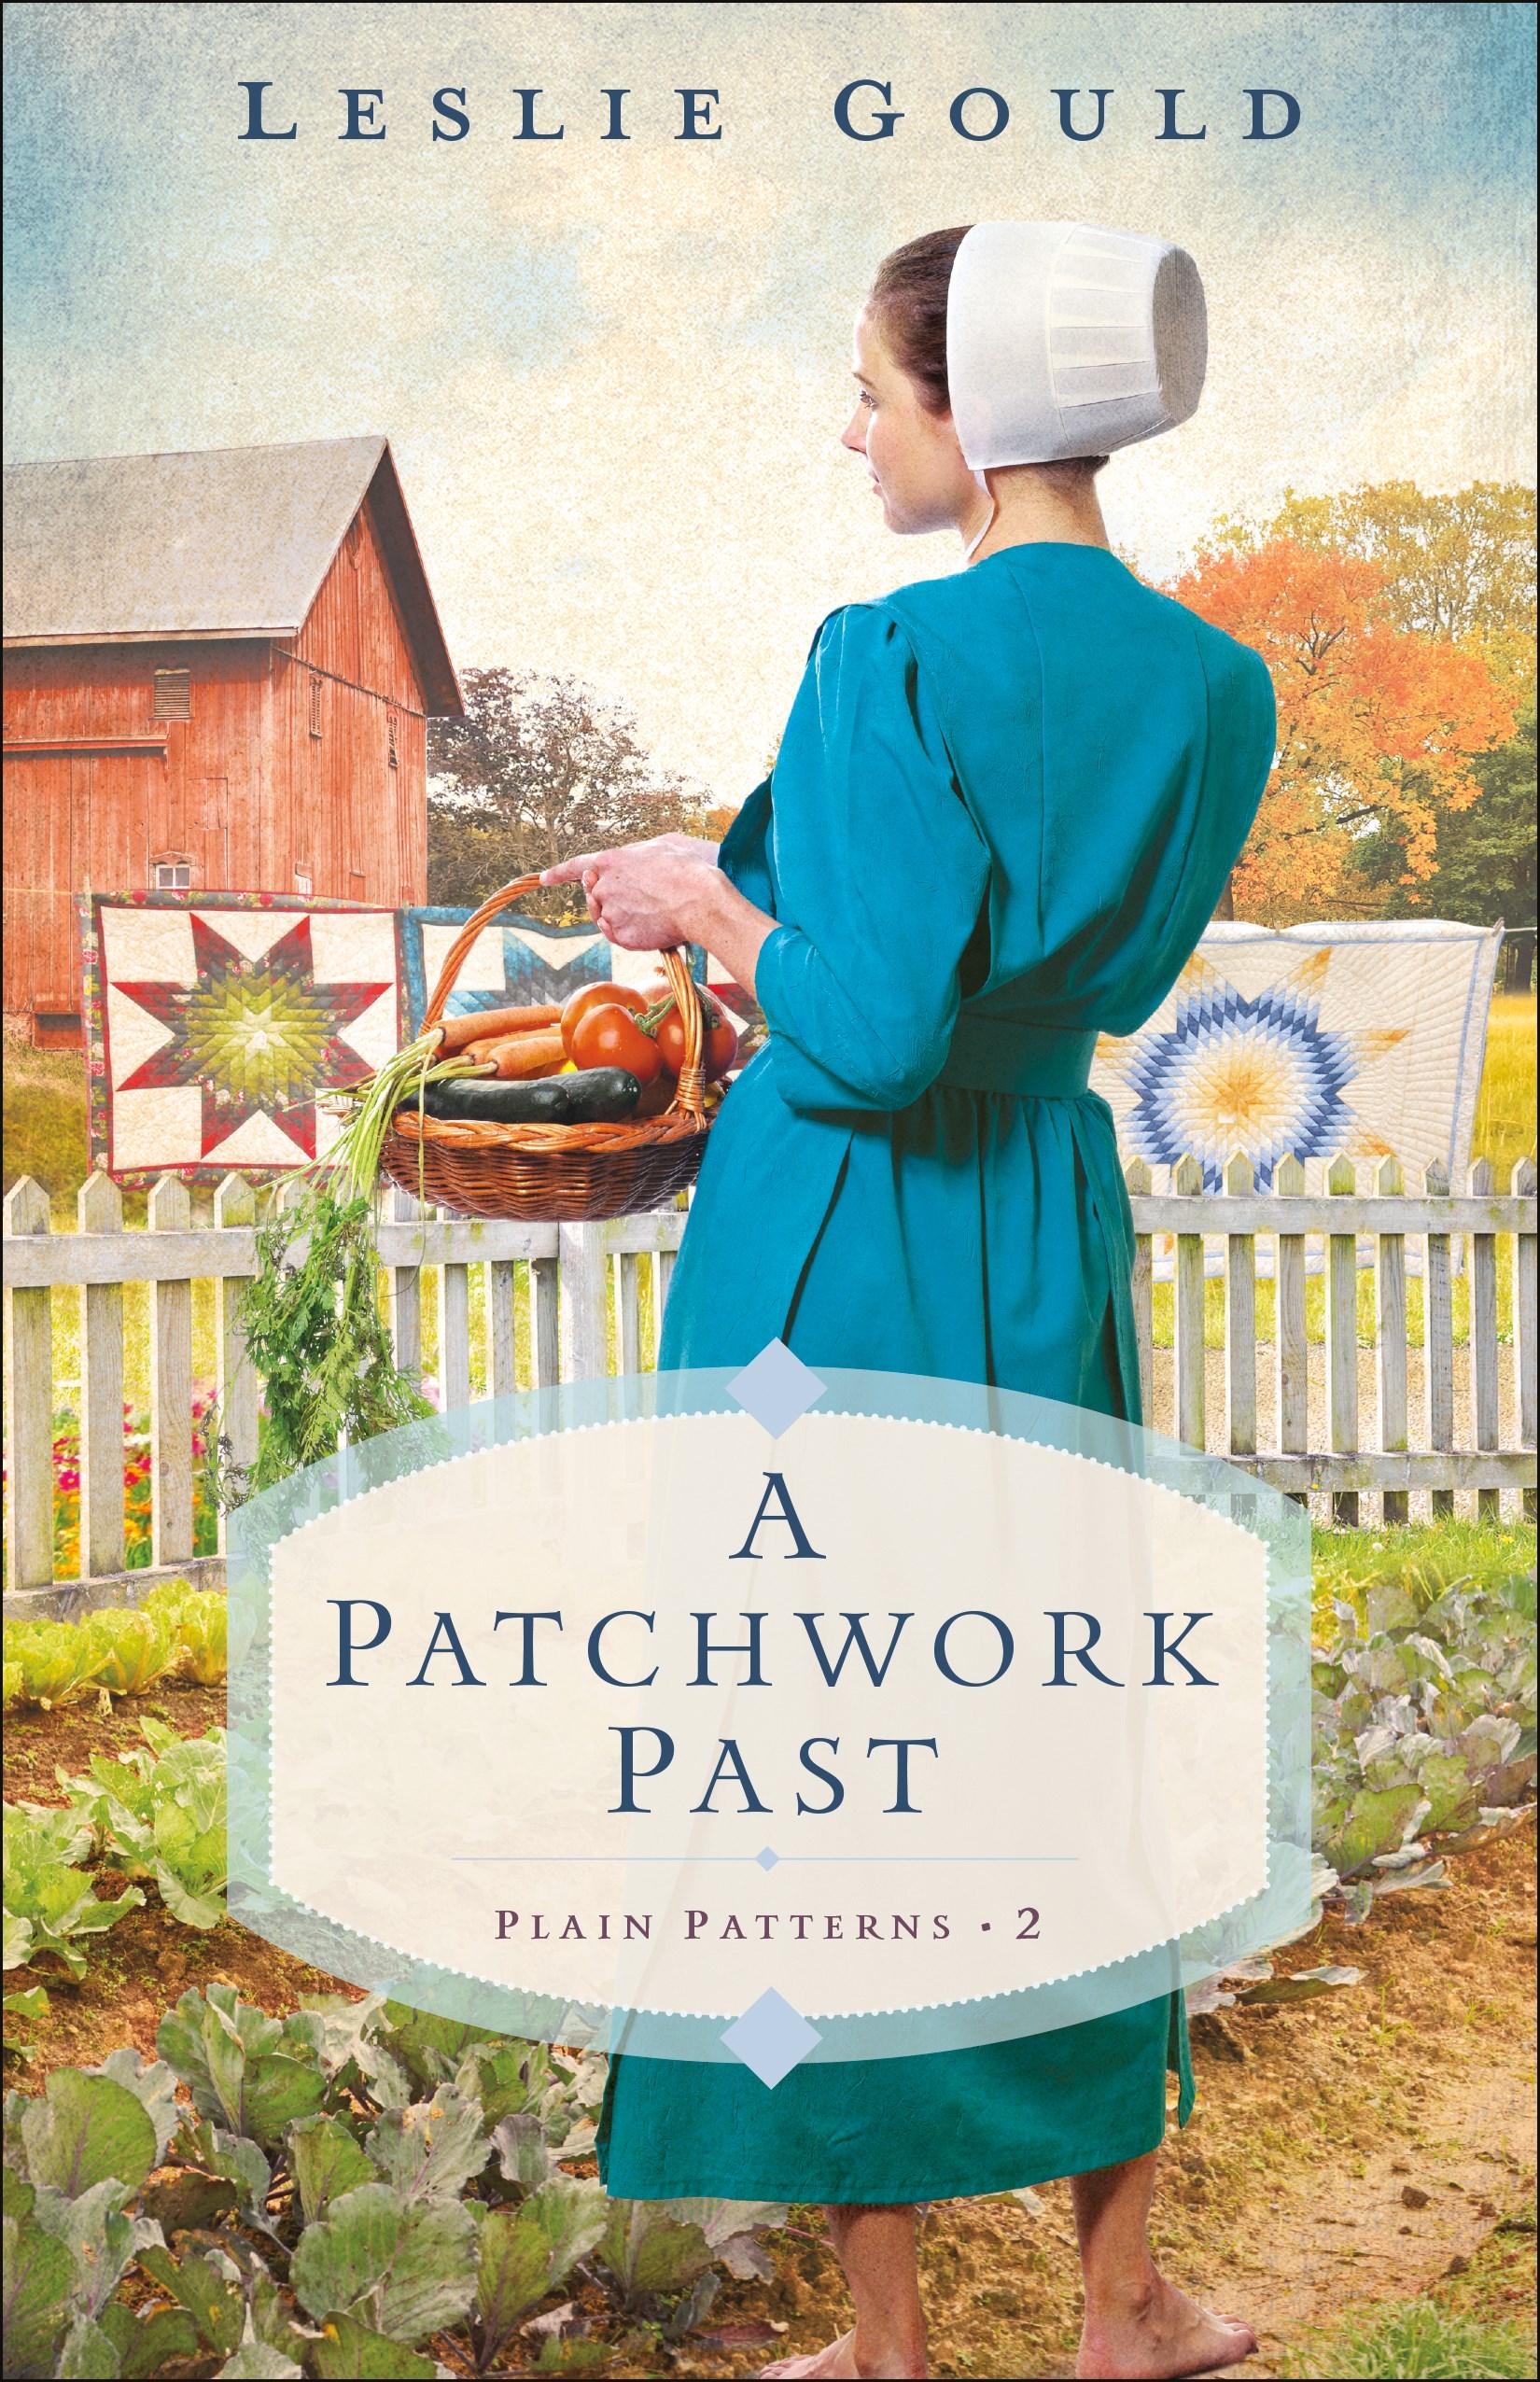 A Patchwork Past (Plain Patterns #2)